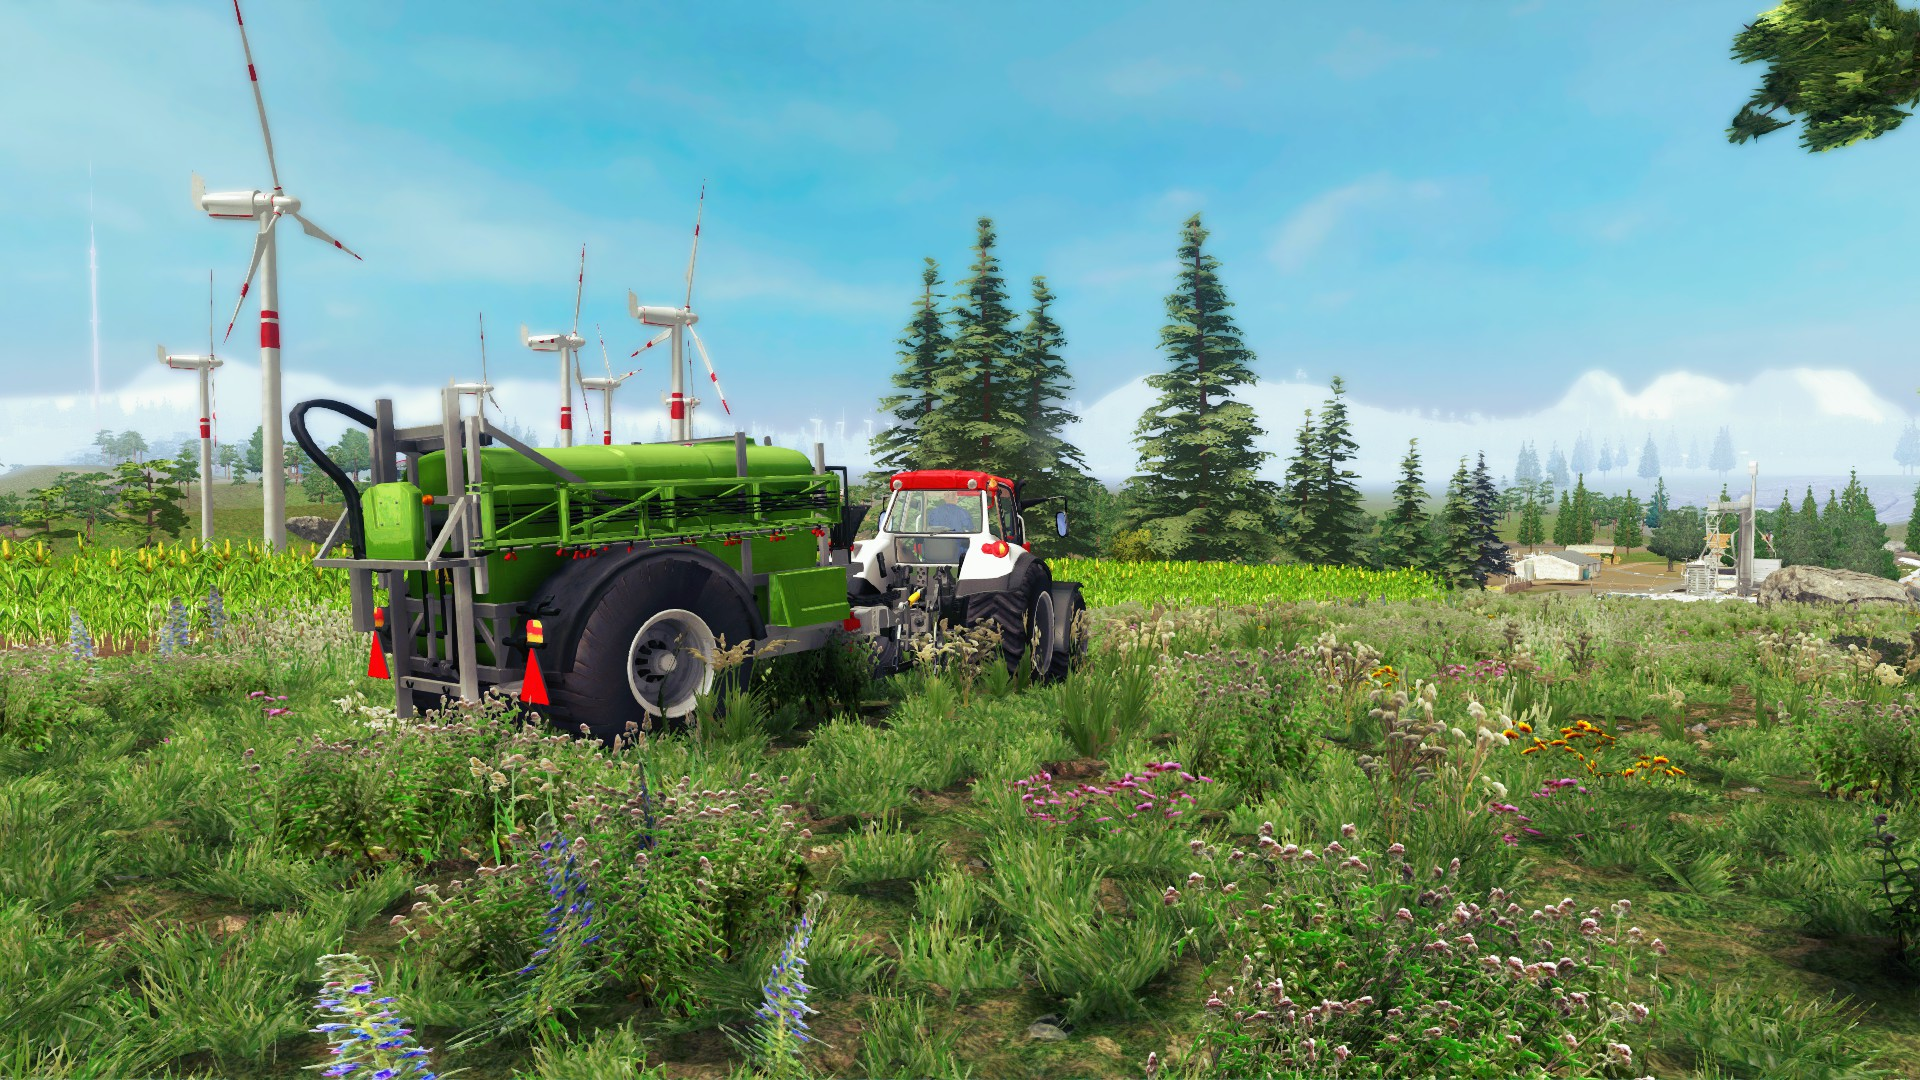 Dur labour. Le métier d'agriculteur n'est pas facile, alors autant en faire un jeu. ...  Farming Simulator 14. Un simulateur d'agriculture au look réaliste. Gratuit. 9...